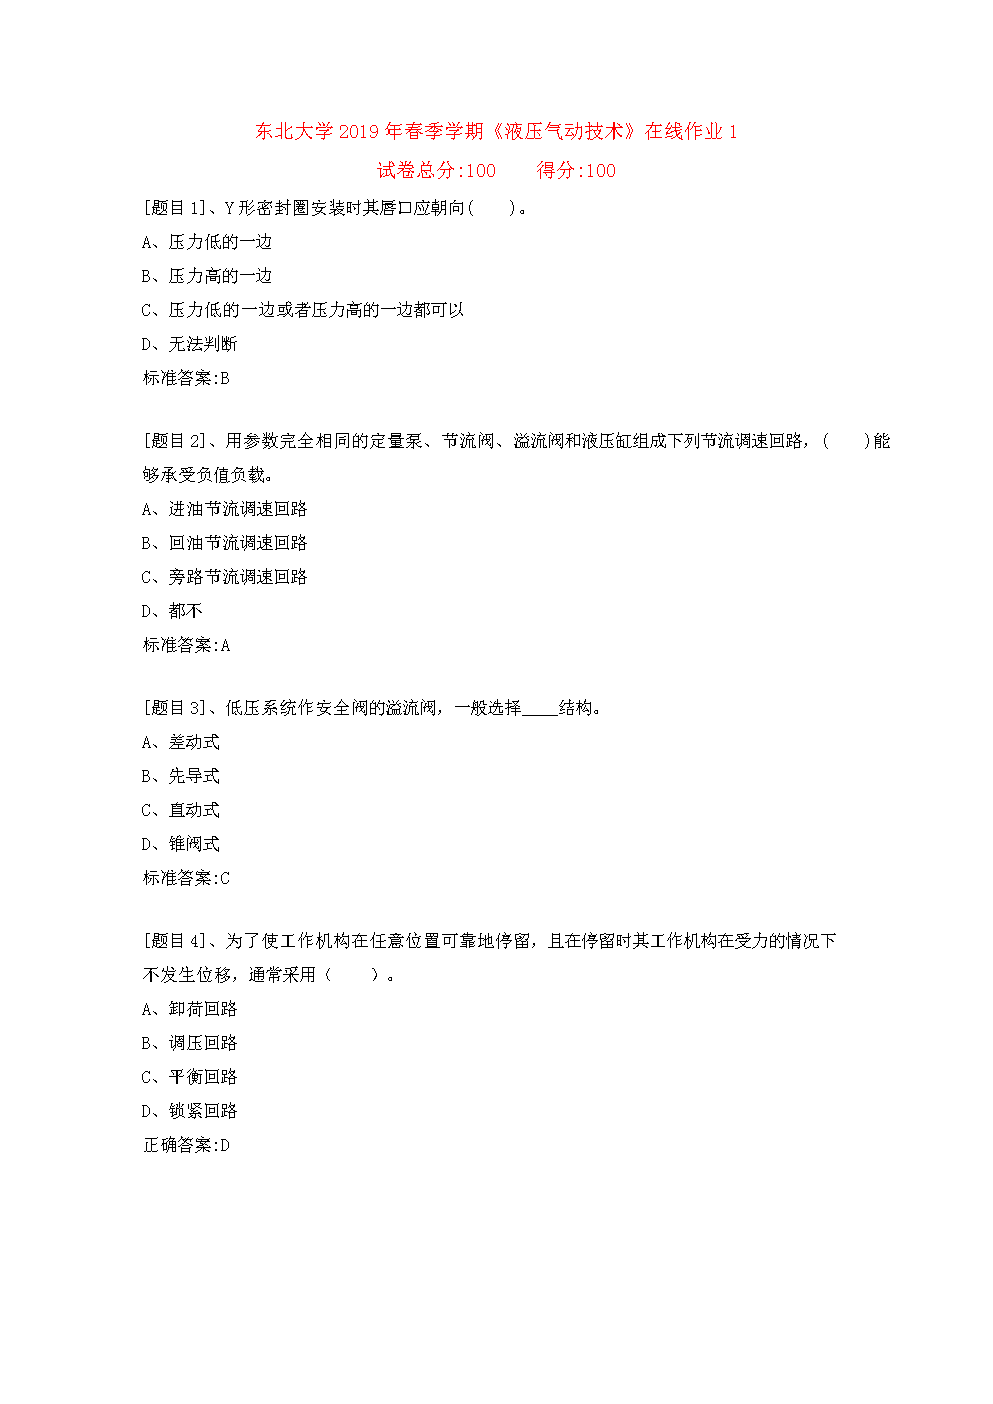 东北大学2019年春季学期《液压气动技术》在线作业(答案).doc